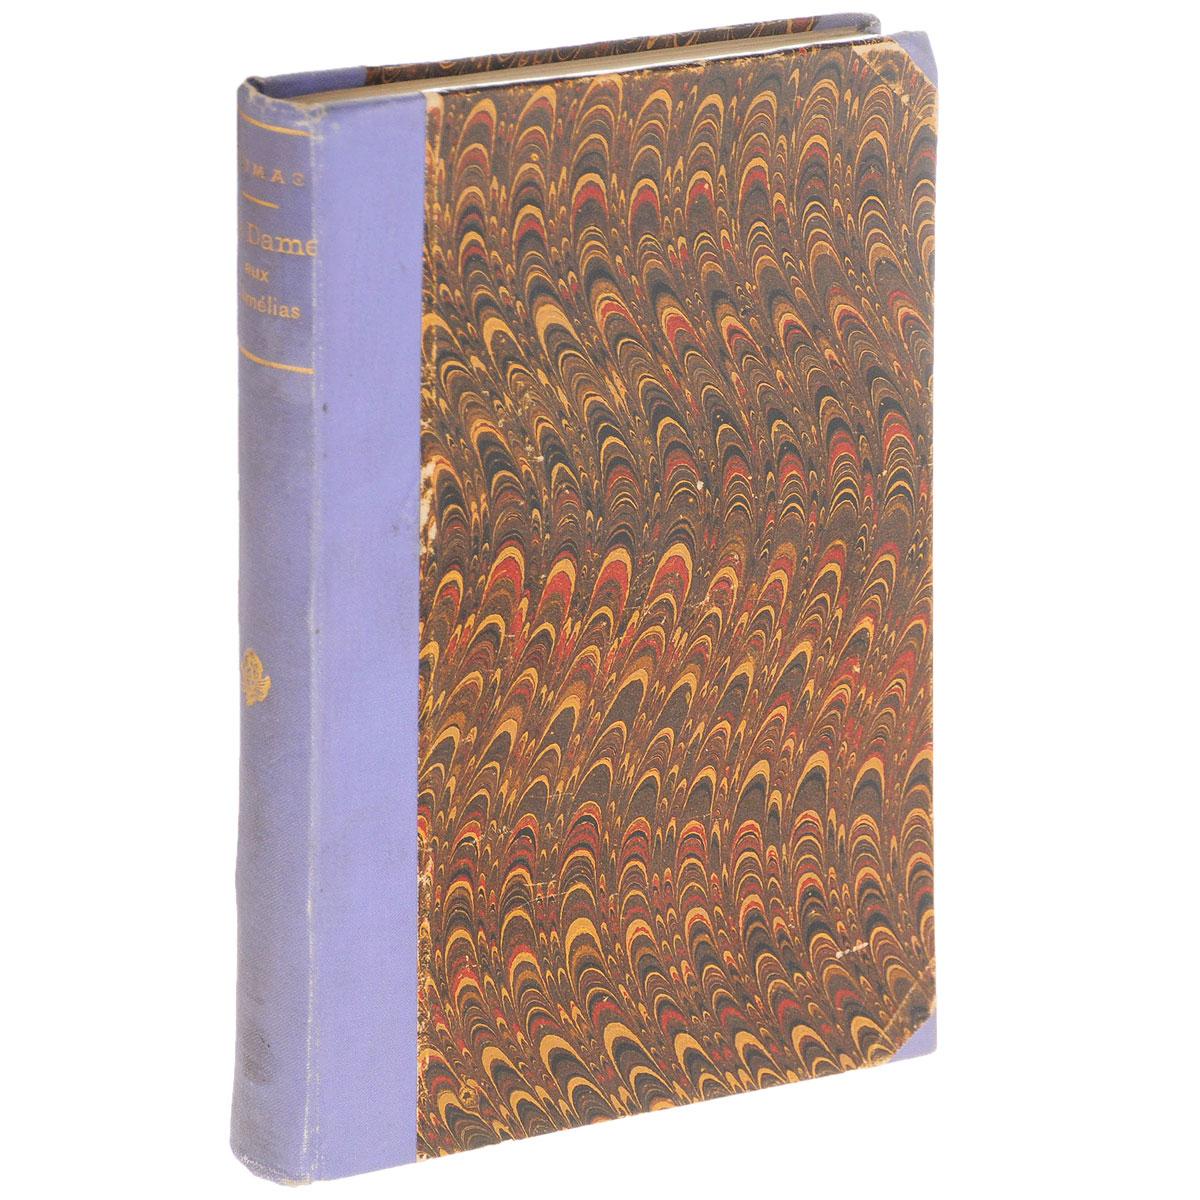 La Dame aux Camelias5627032Прижизненное издание. Париж, 1897 год. Calmann Levy.Владельческий переплет. Сохранность хорошая.Александр Дюма, сын автора Графа Монте-Кристо, Трех мушкетеров, Королевы Марго, доказал, что способен потягаться с великим отцом.В двадцать четыре года он написал роман ДАМА С КАМЕЛИЯМИ (1848), о котором заговорил весь Париж. В основу сюжета легла реальнаяистория - история роковой красавицы куртизанки Мари Дюплесси, которая совсем молодой умерла от туберкулеза. Роман был переделан в пьесу,имевшую шумный успех, пьесу подхватил Джузеппе Верди и написал оперу Травиата - словом, сюжету было суждено бессмертие.Издание не подлежит вывозу за пределы Российской Федерации.